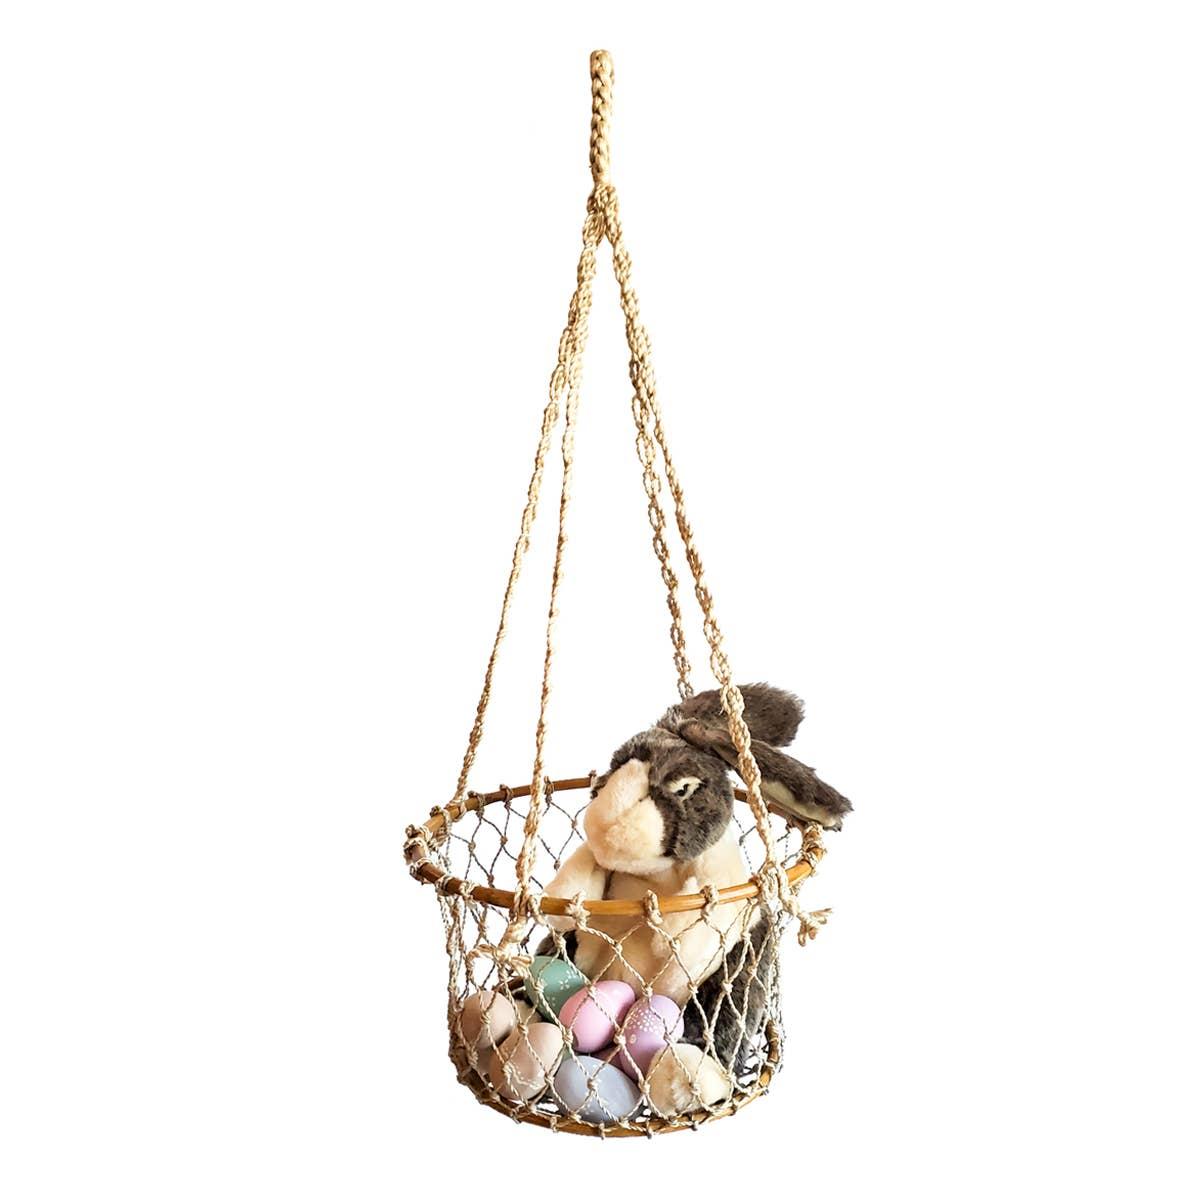 Jhuri Single Hanging Basket | Trada Marketplace